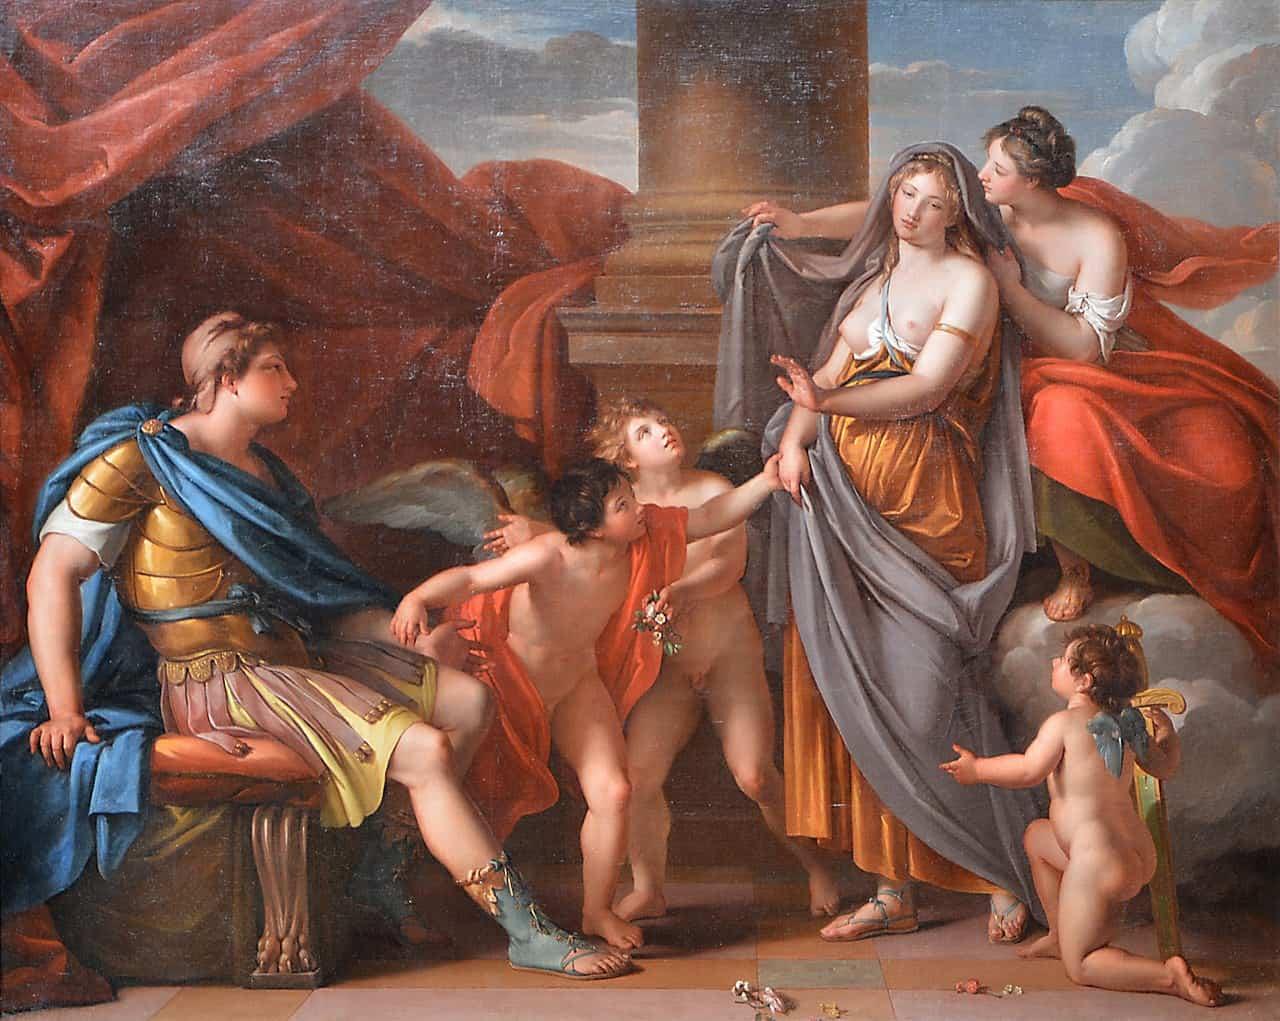 אפרודיטה מציגה את הלנה לפאריס